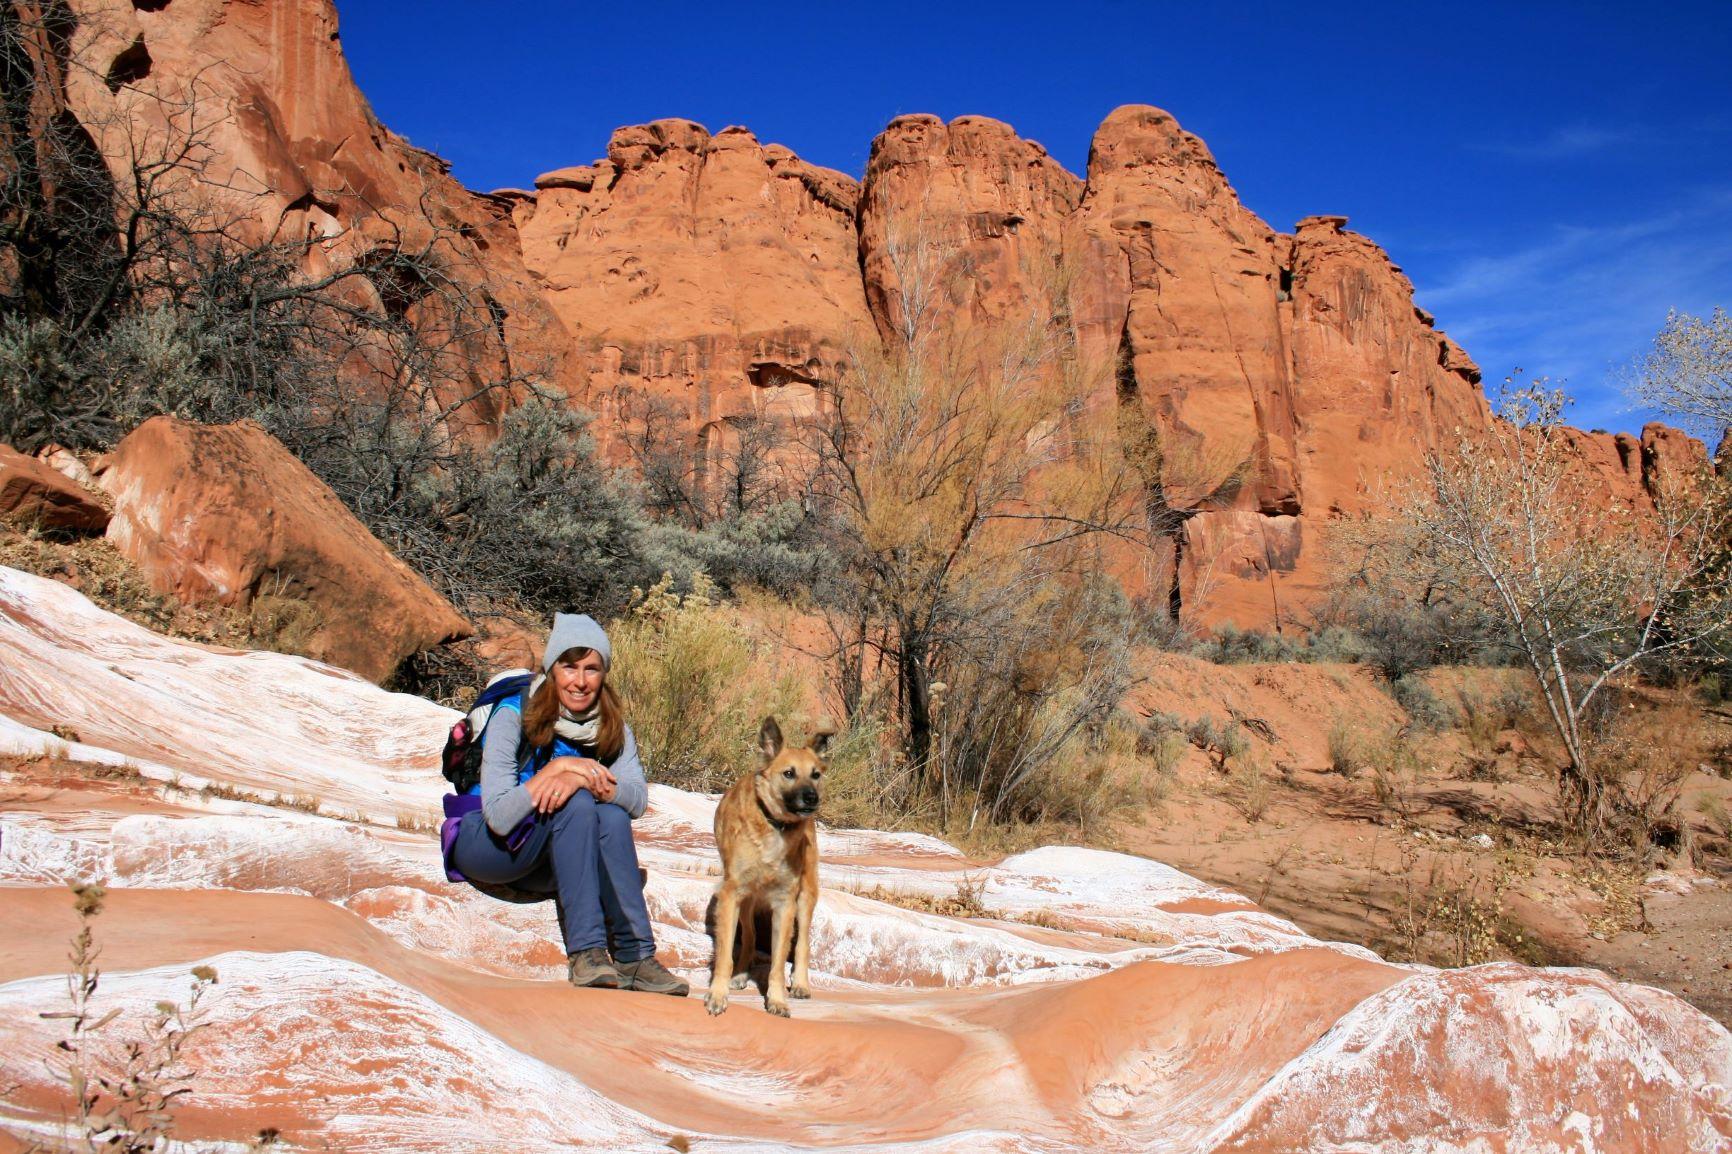 hier ist der Death Hollow Canyon noch weit und wir genießen die Sonne...